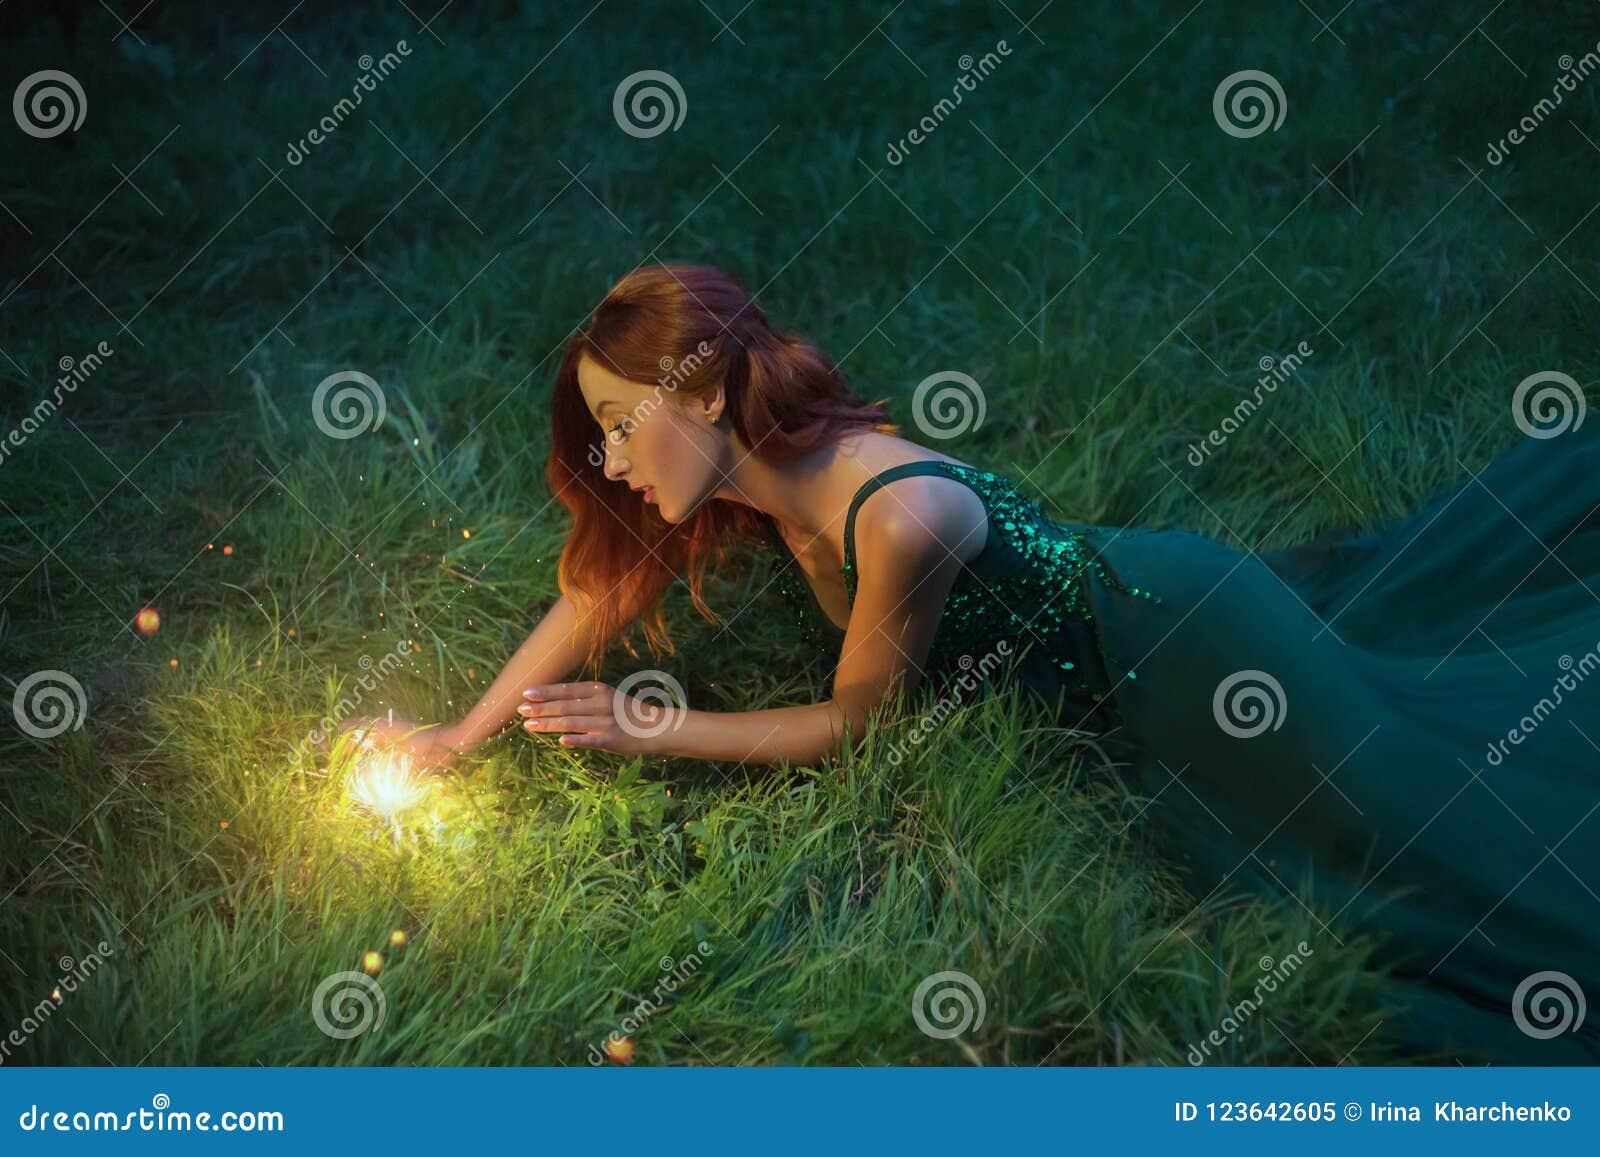 Женщина красных волос очаровательная лежит на траве в чудесном изумрудном платье с длинным поездом